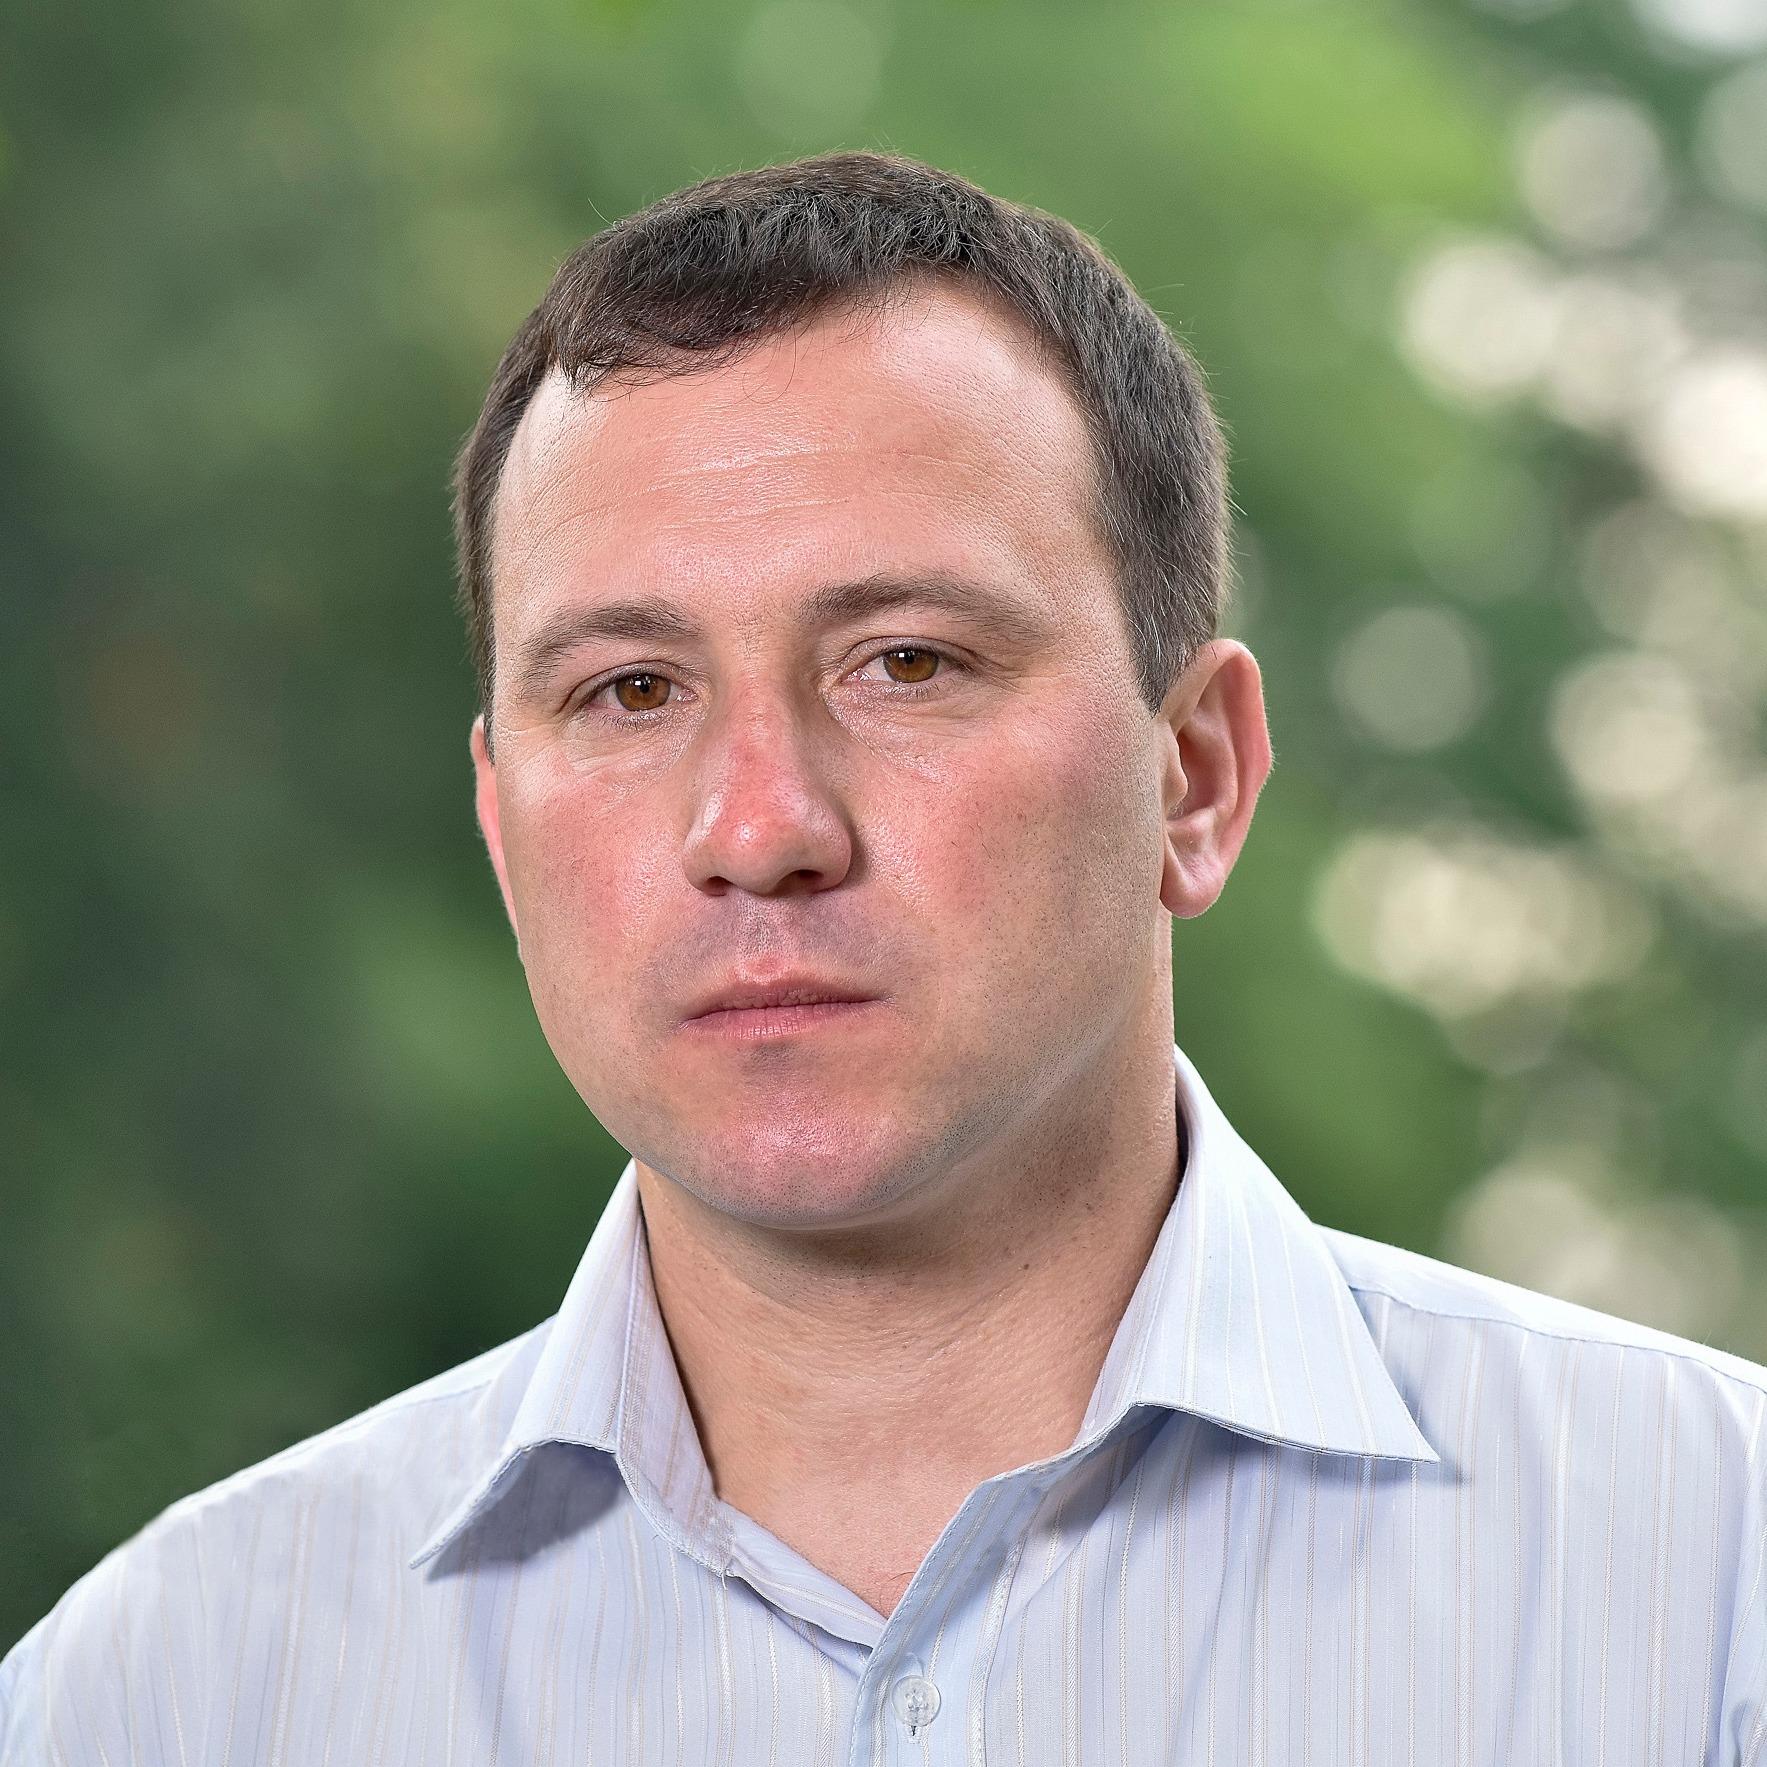 М'якущак Ярослав Юрійович | Структура ОТГ | Нижньовербізька сільська об'єднана територіальна громада